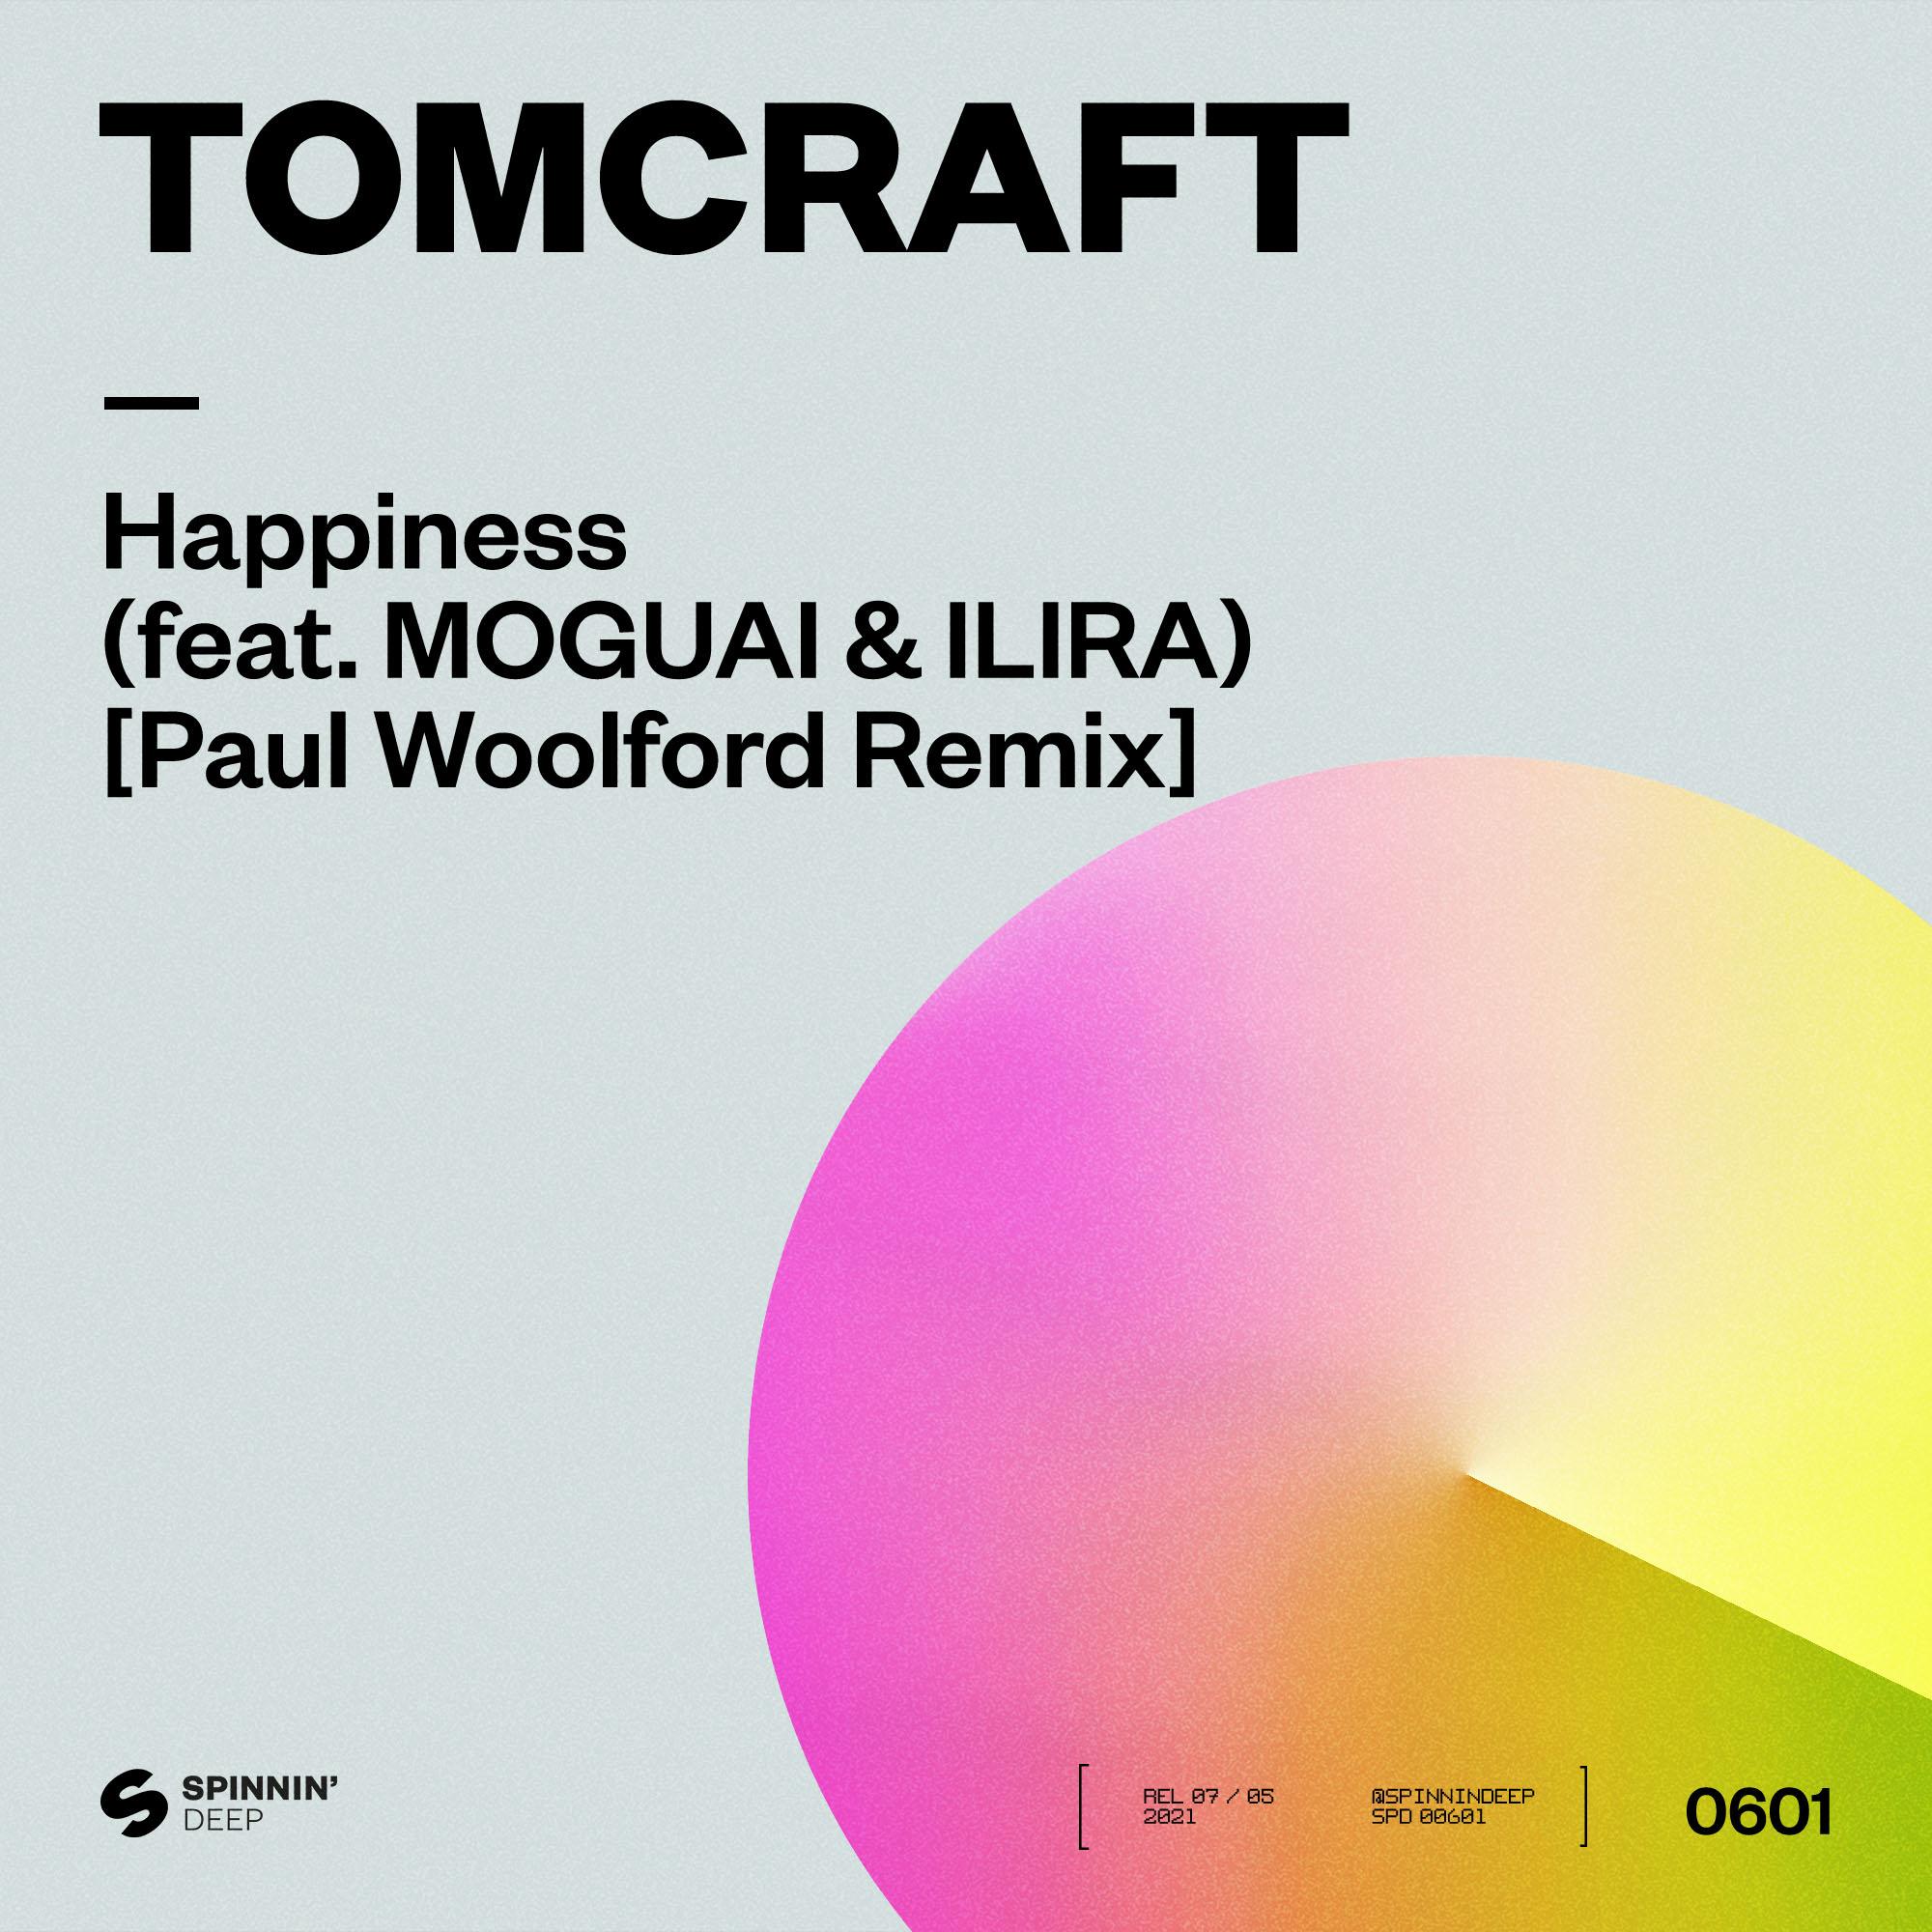 Tomcraft - Happiness (feat. MOGUAI & ILIRA) [Paul Woolford Remix]